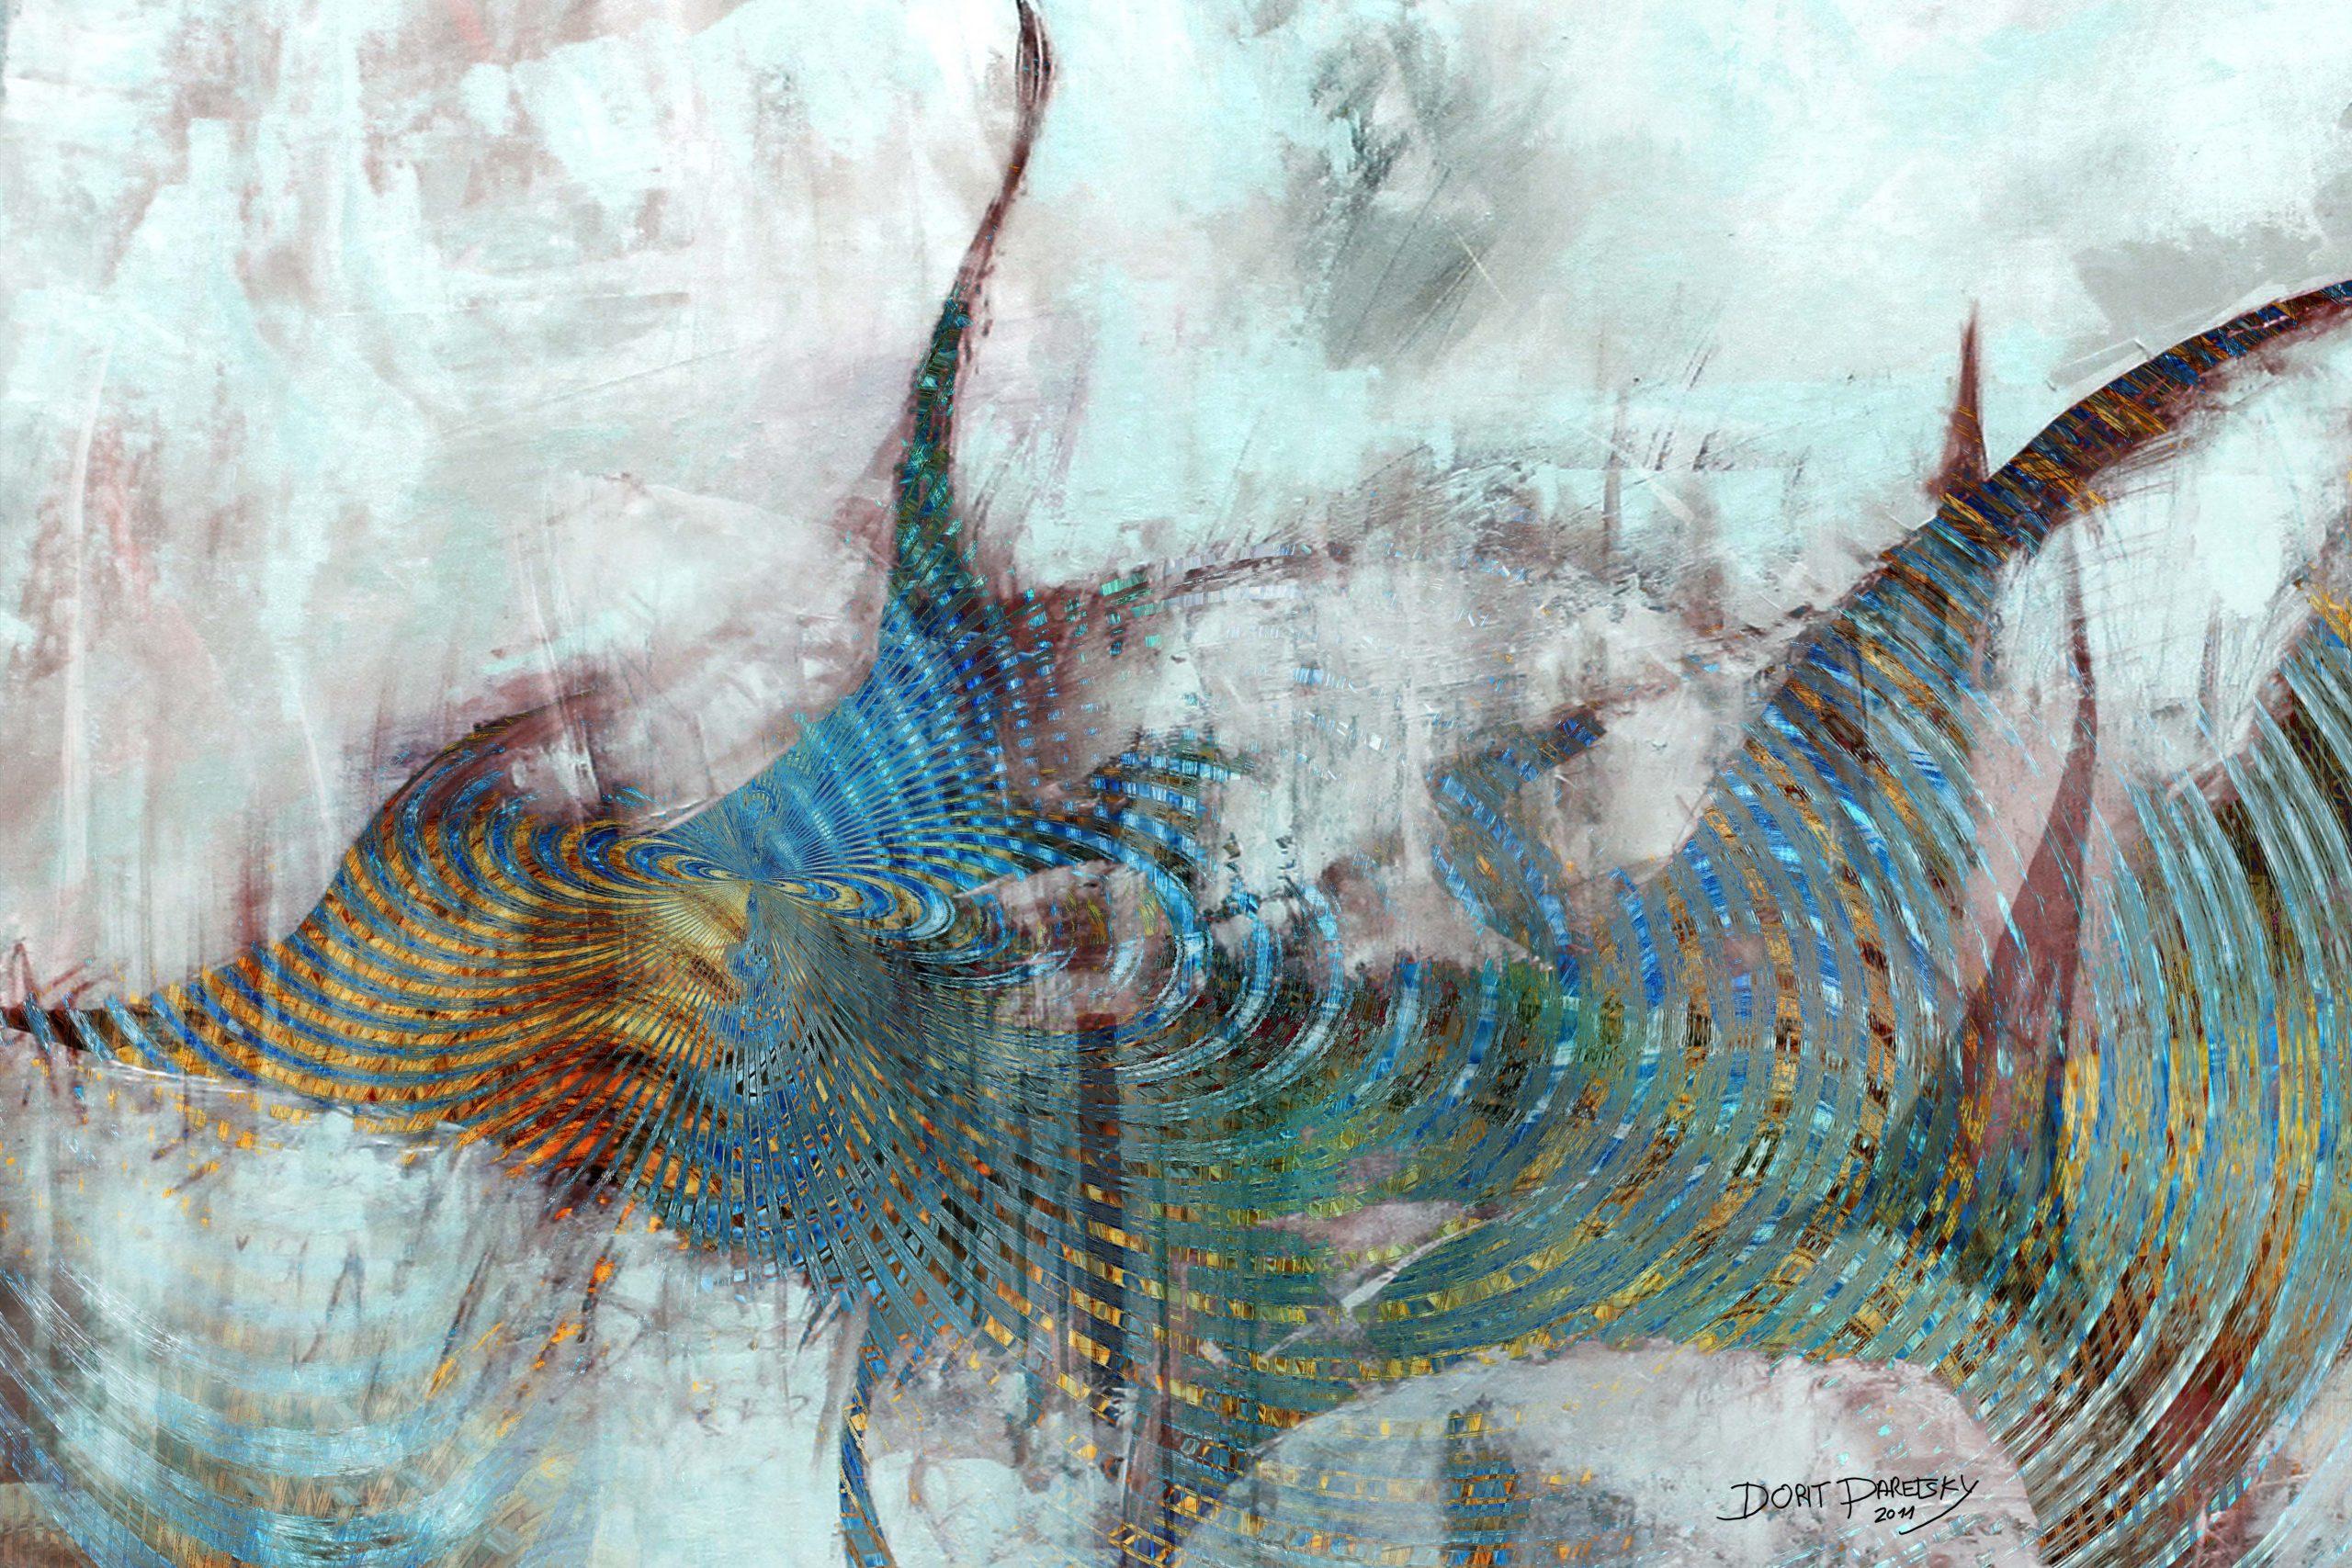 דג זהב בכחול עם סנפירים על רקע תכלת